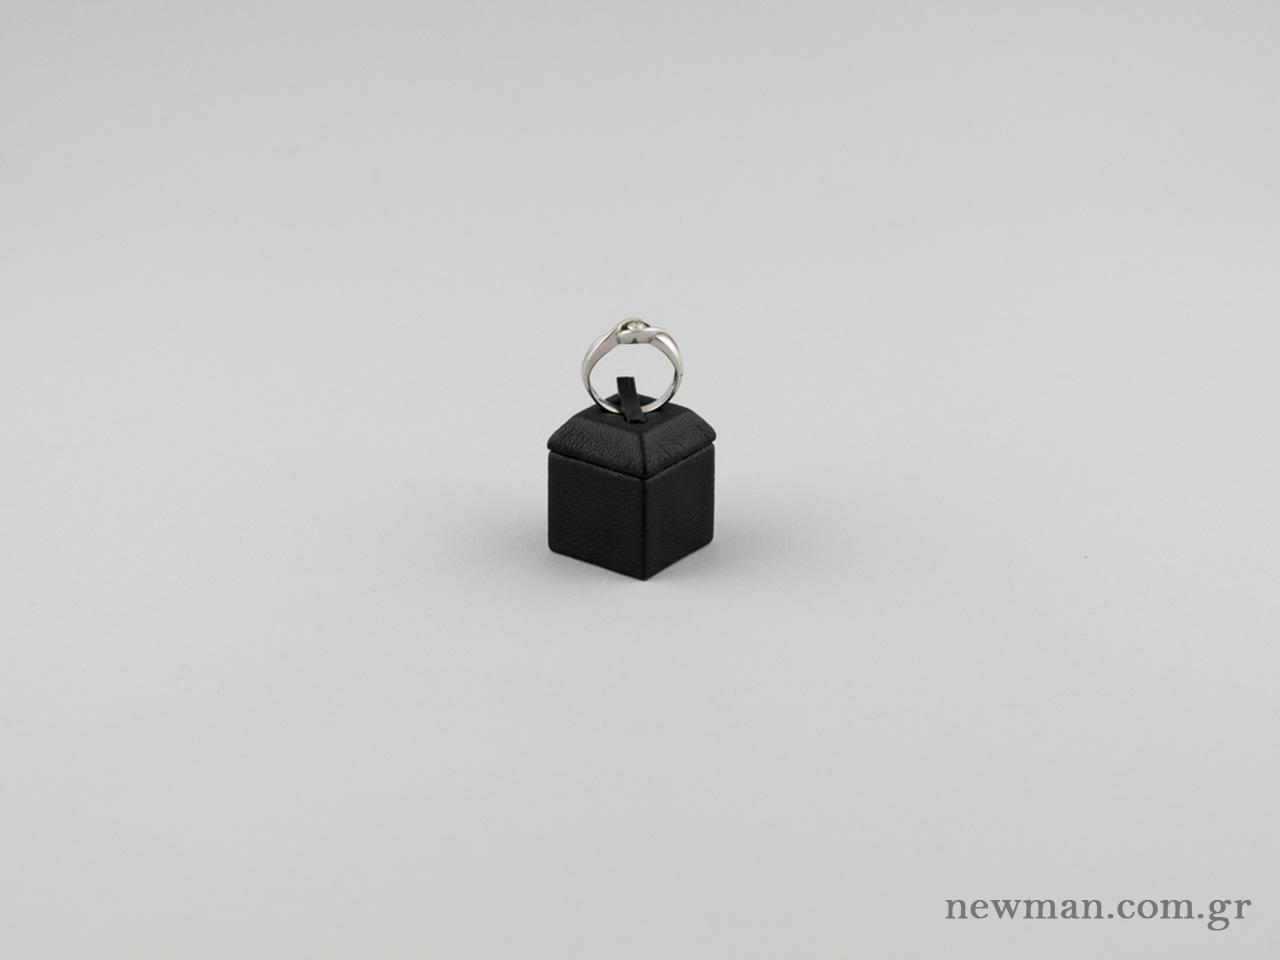 Βάση για δαχτυλίδι P02